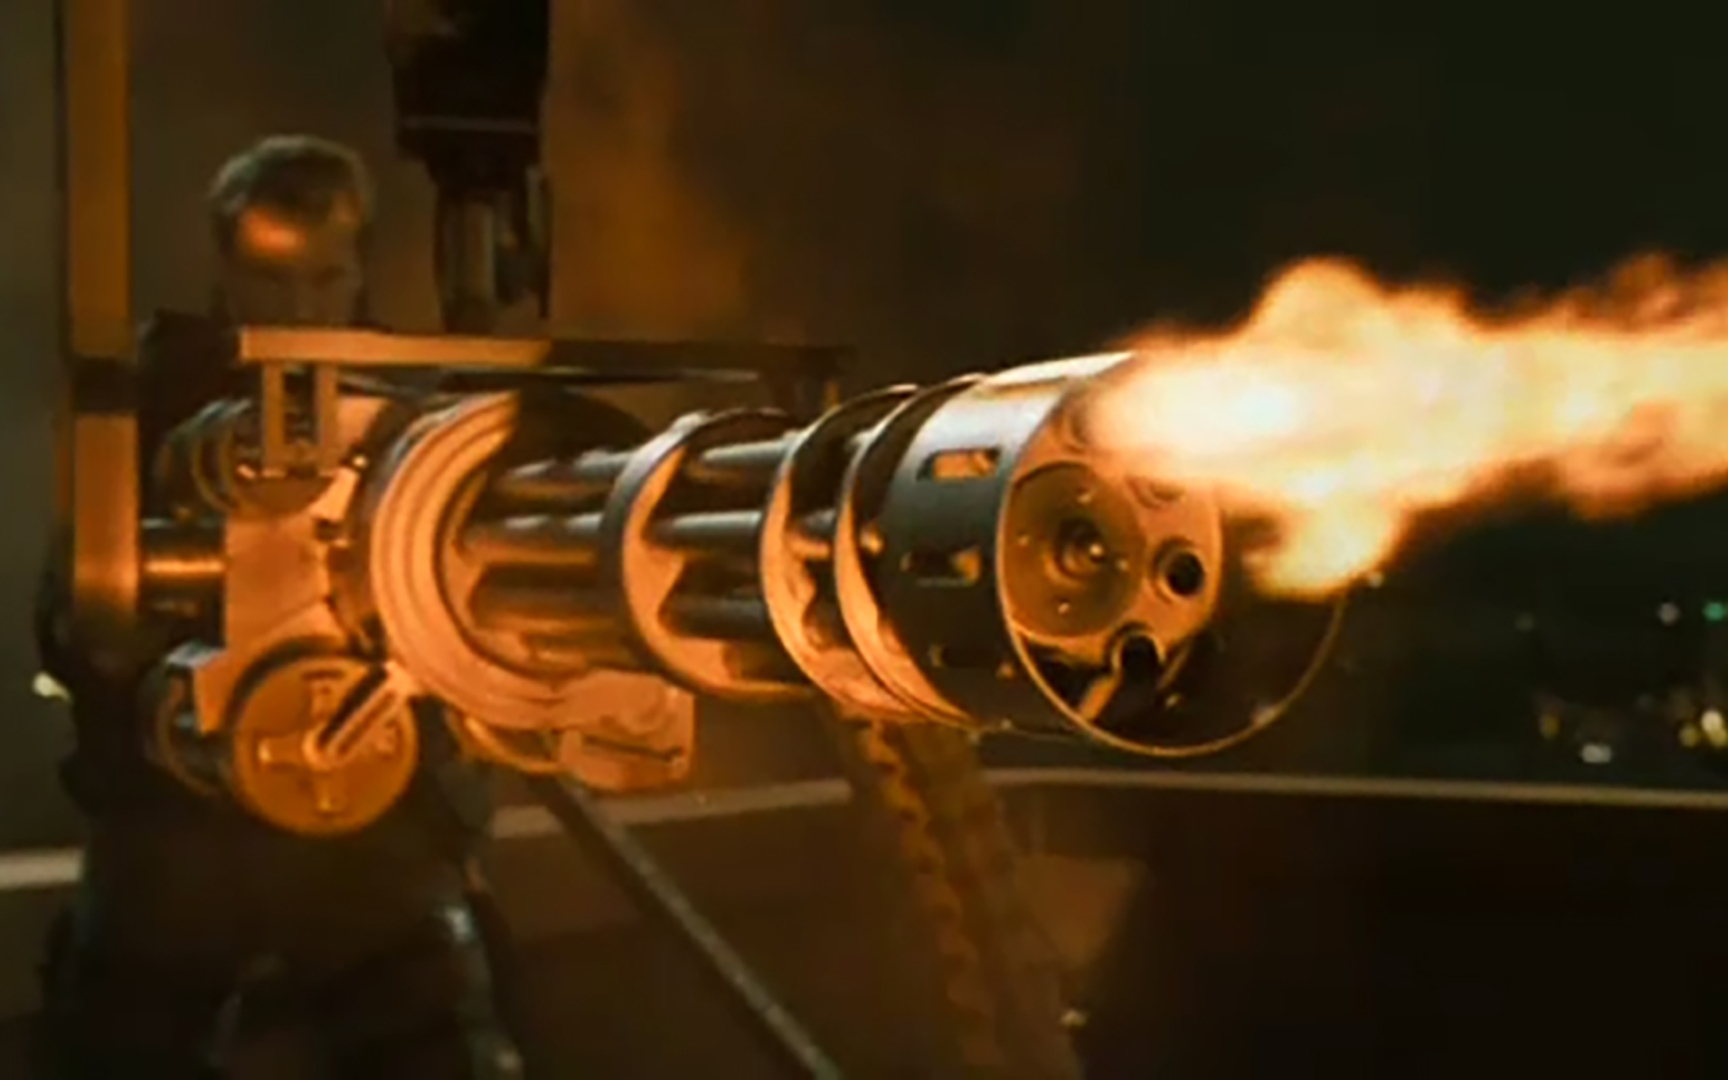 【电影盘点】那些操作猛如虎的电影片段 第182弹